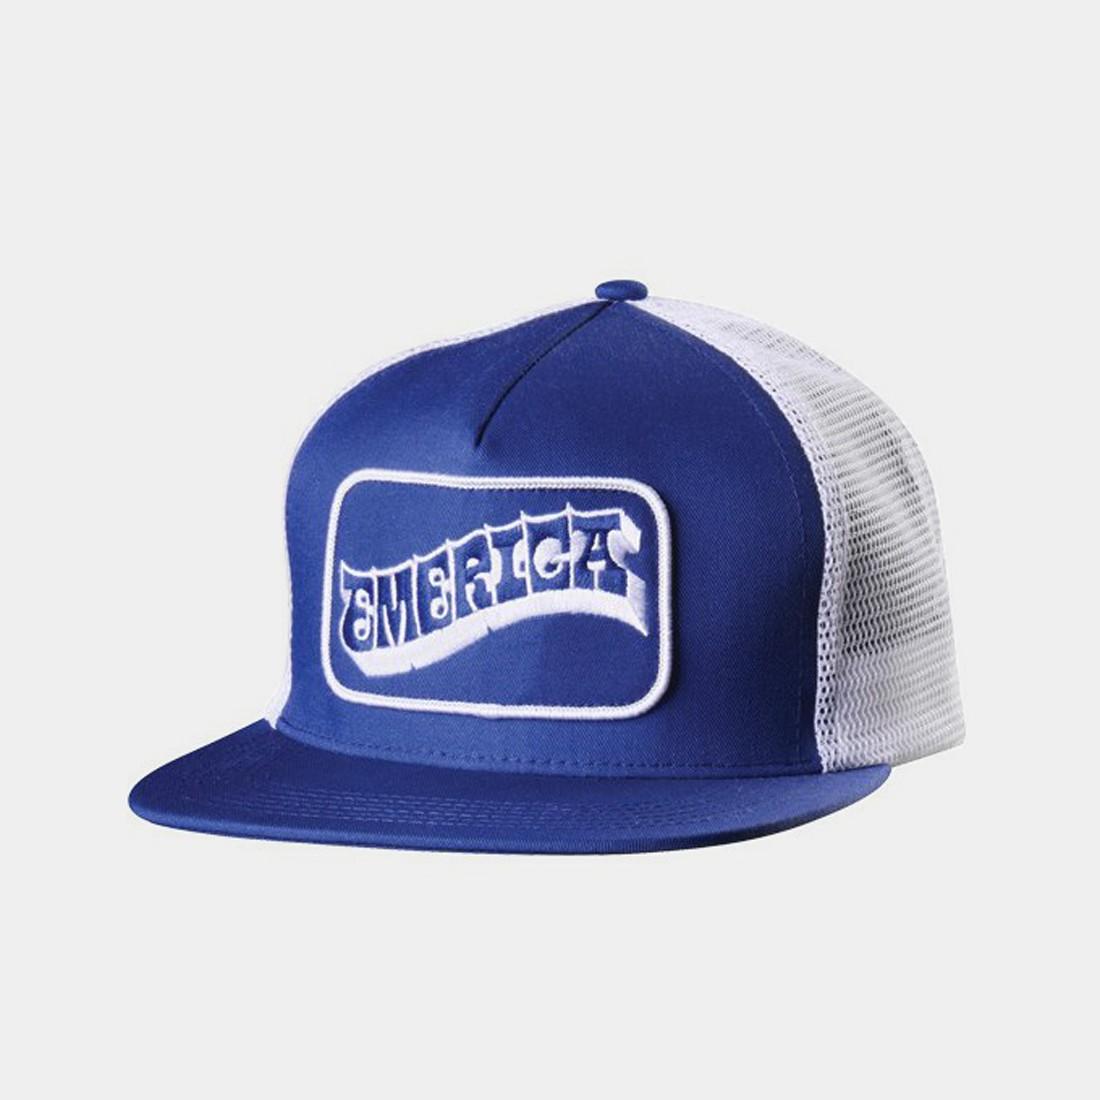 ea5ab6bddee Gorras Emerica - Still Rollin  Trucker Hat